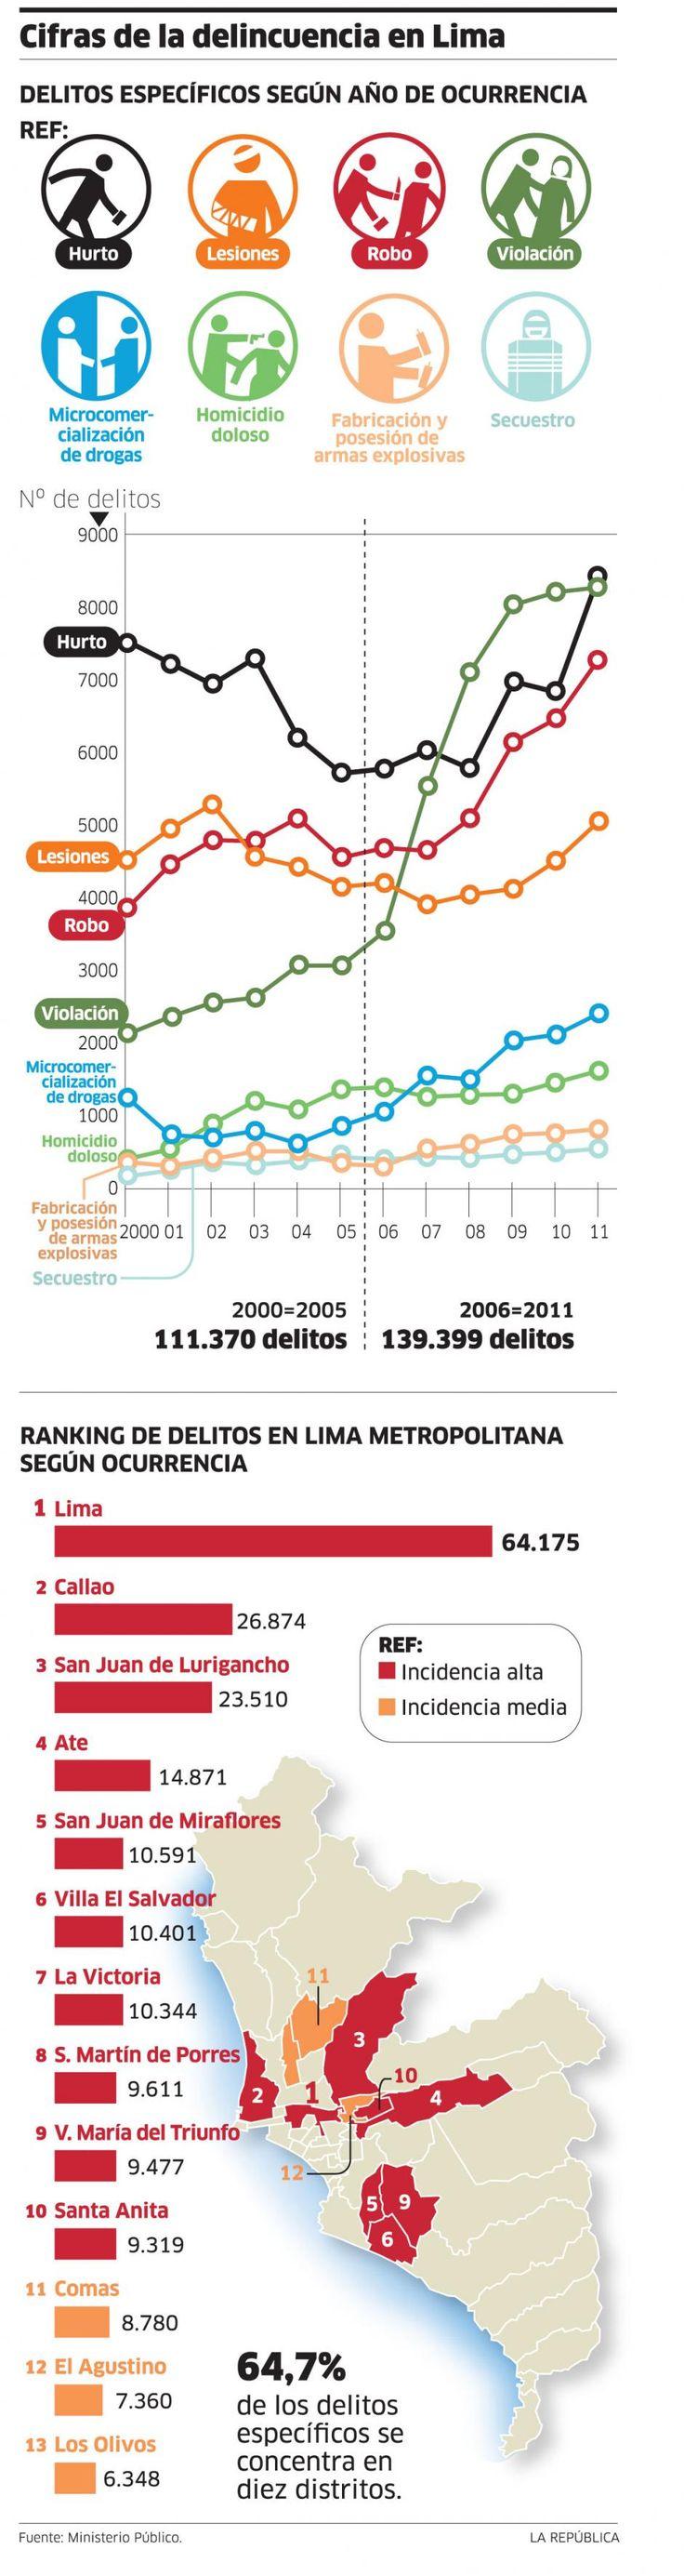 Cifras de la delincuencia en Lima. Delitos específicos según año de ocurrencia.